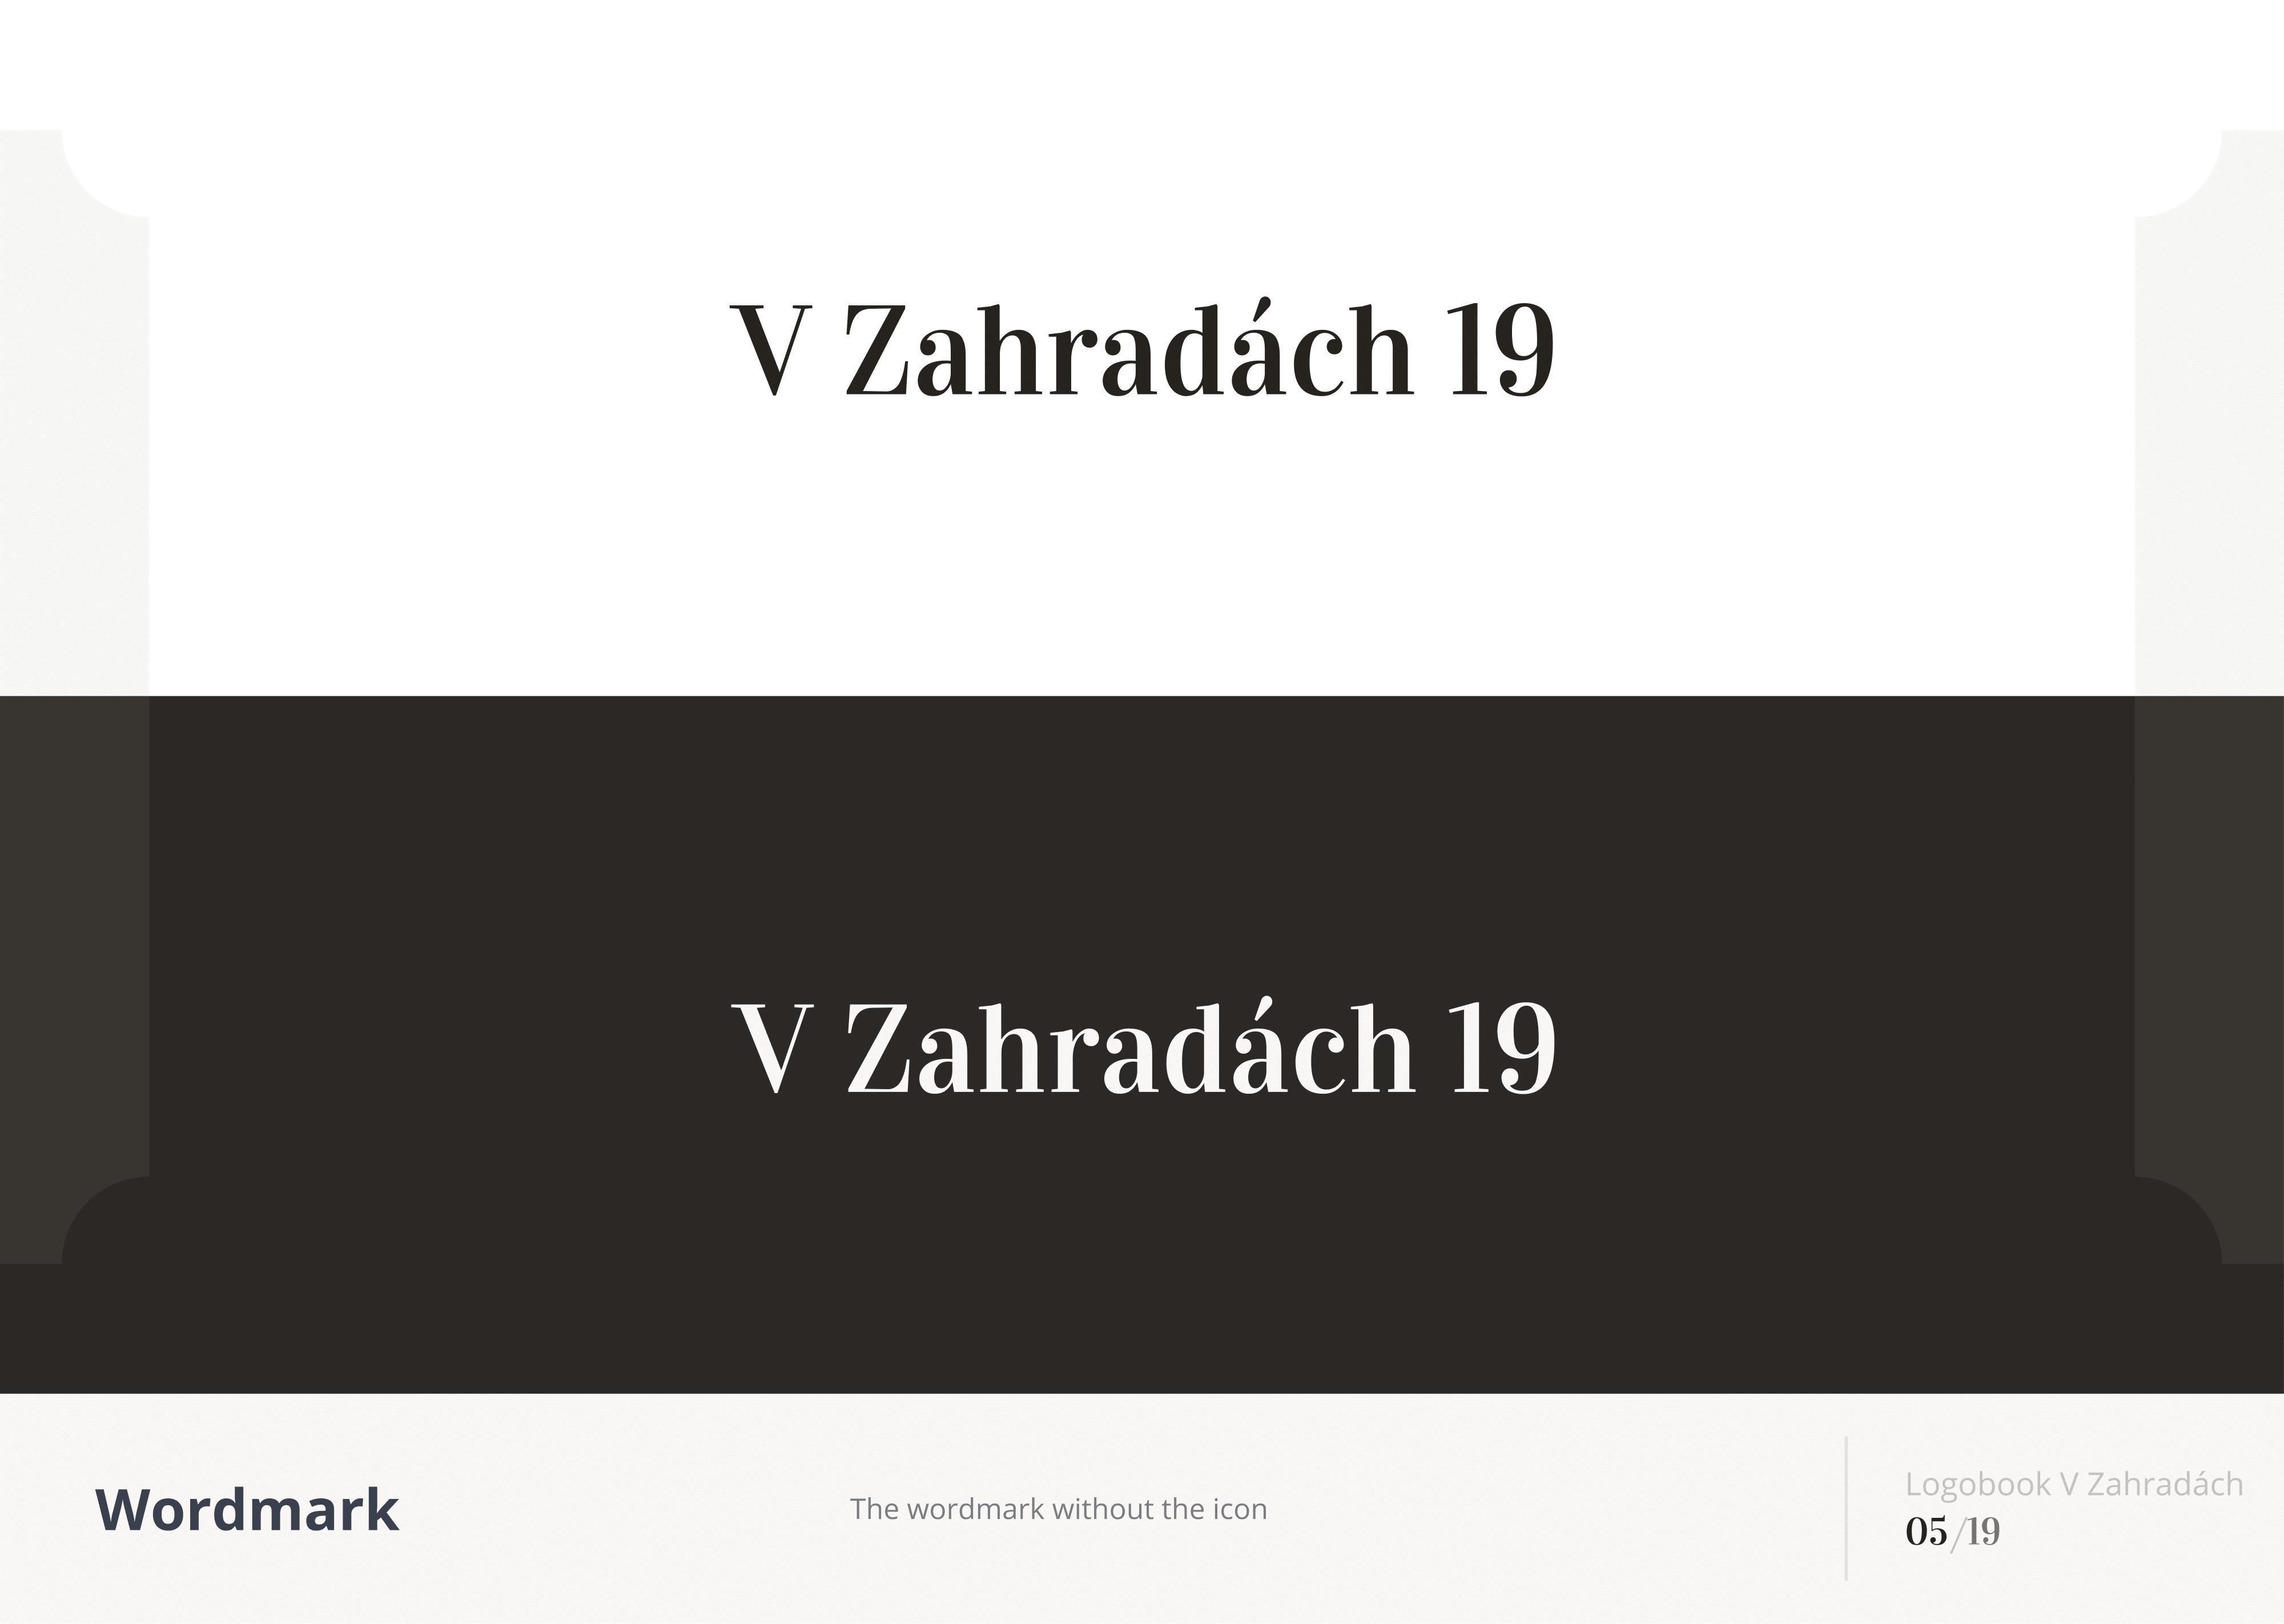 V_Zahradach_19_(Logobook)_2021-05